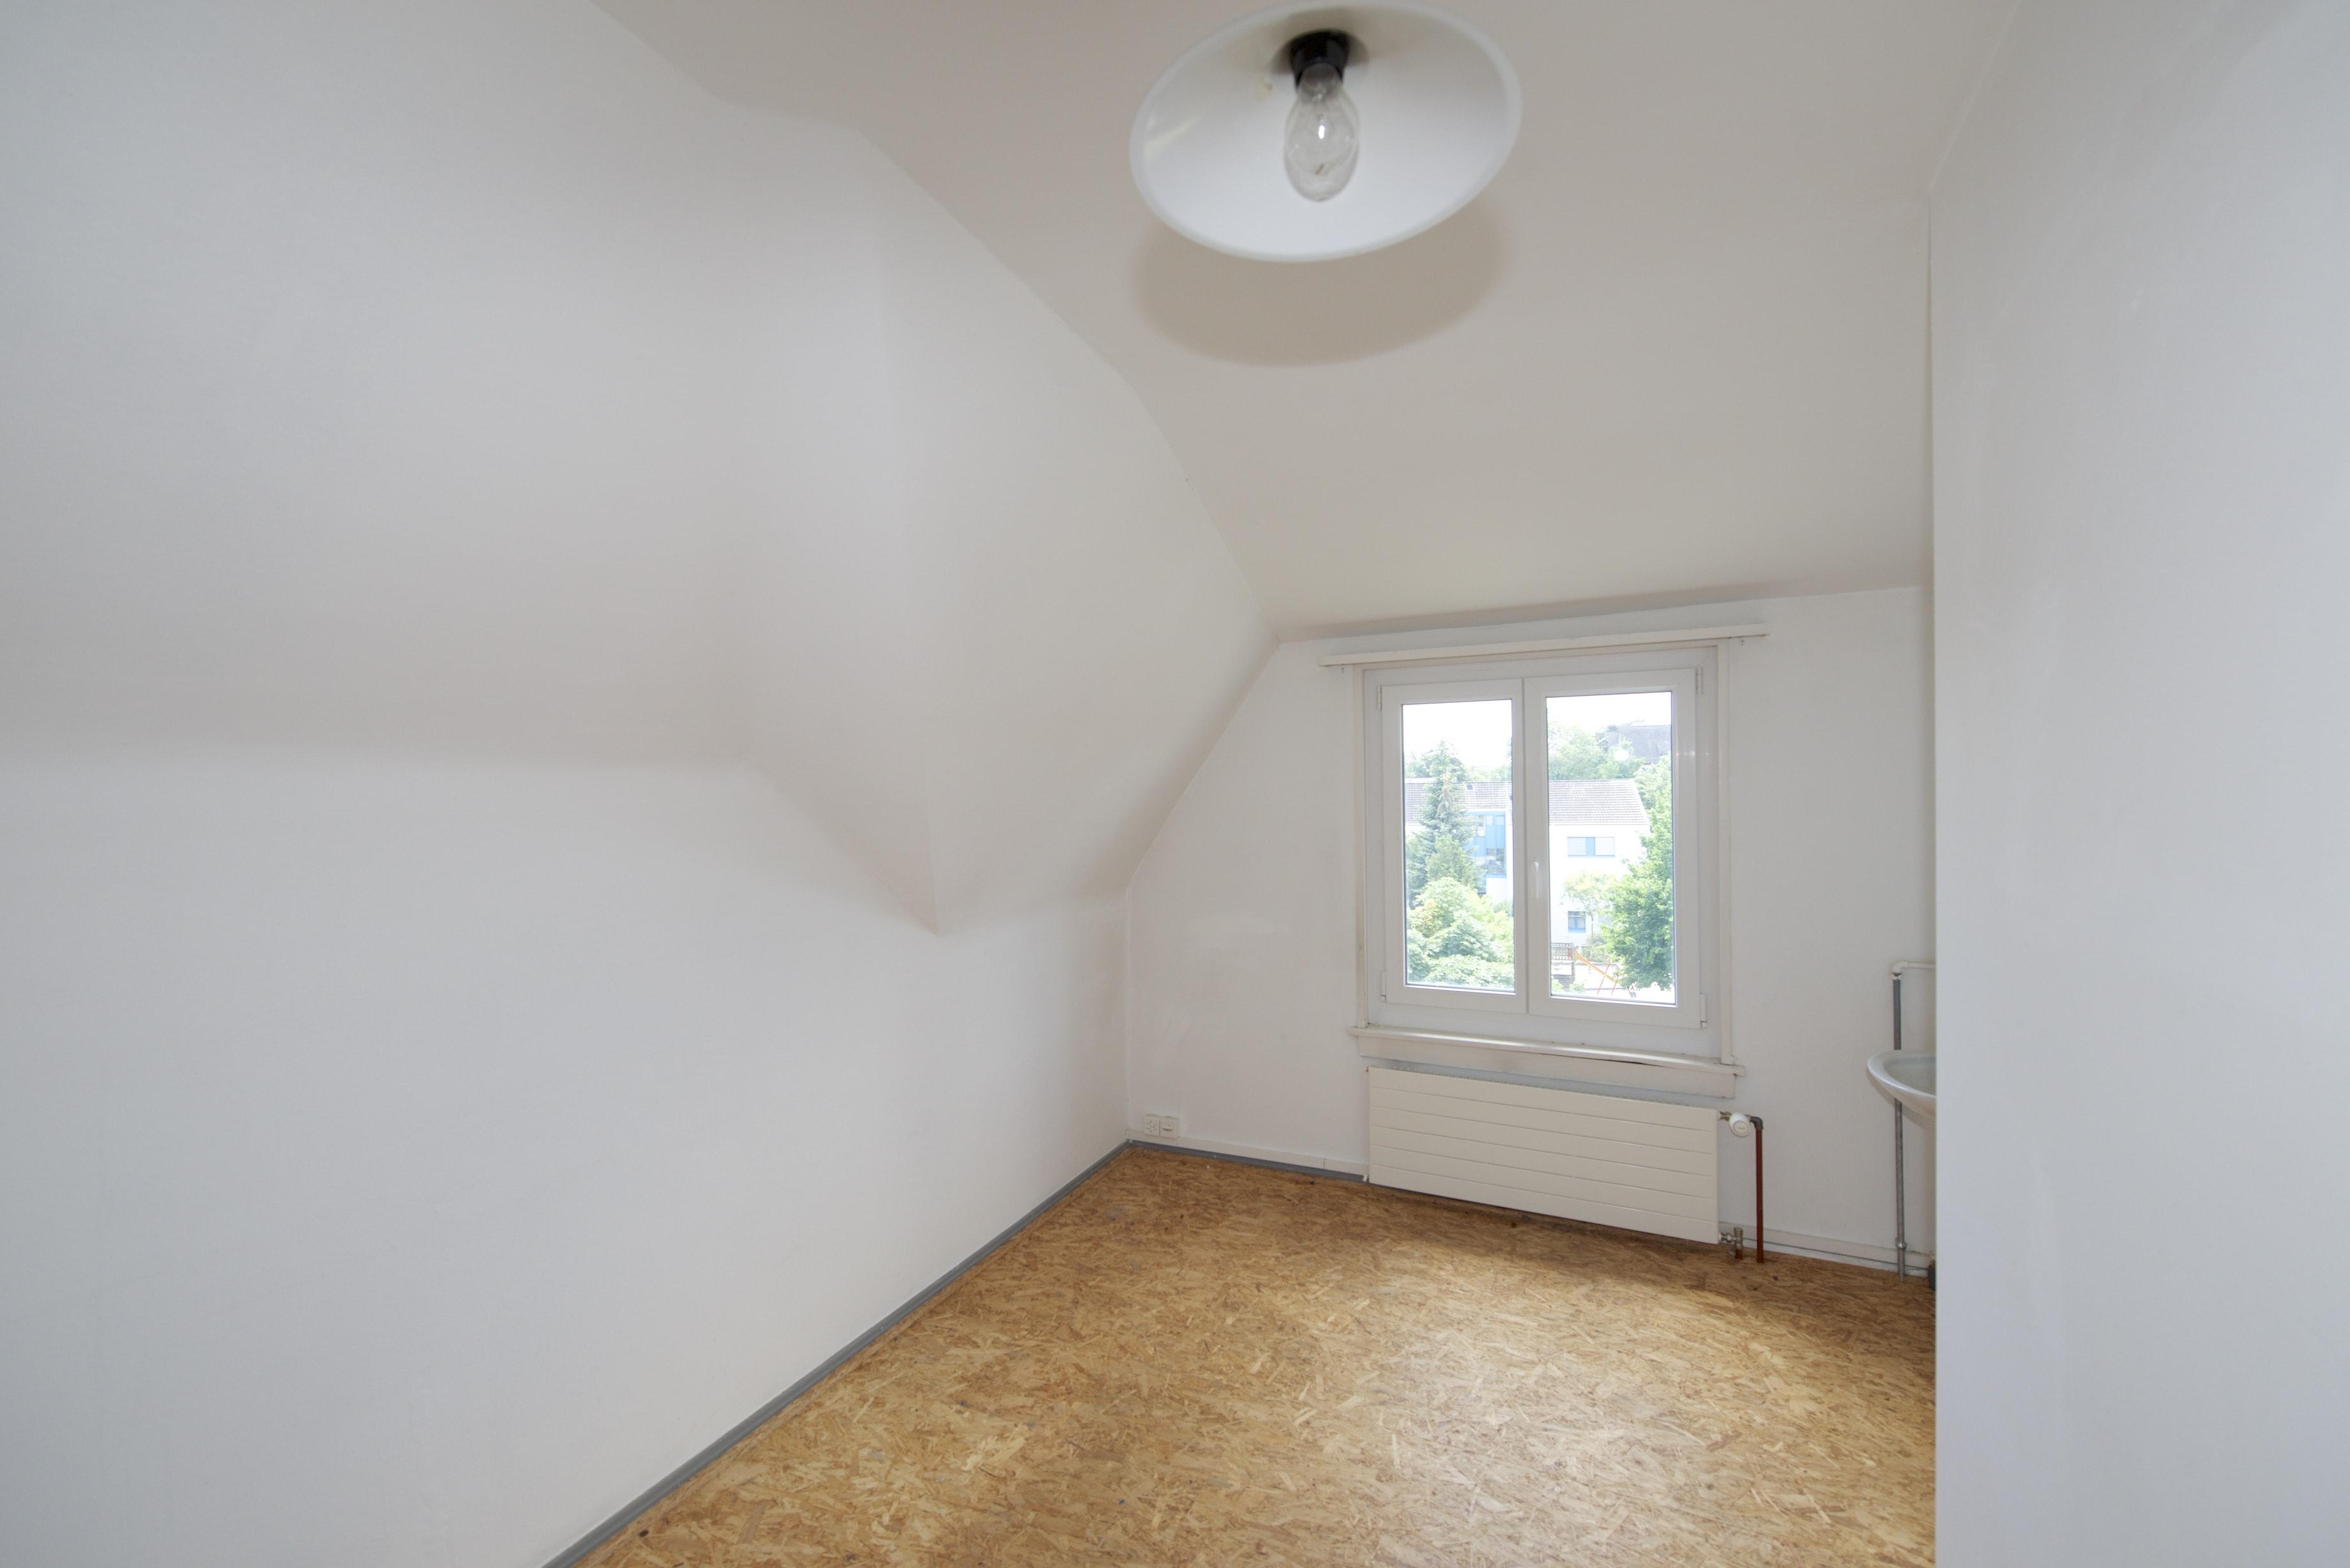 Ausgebautes Zimmer im Estrisch